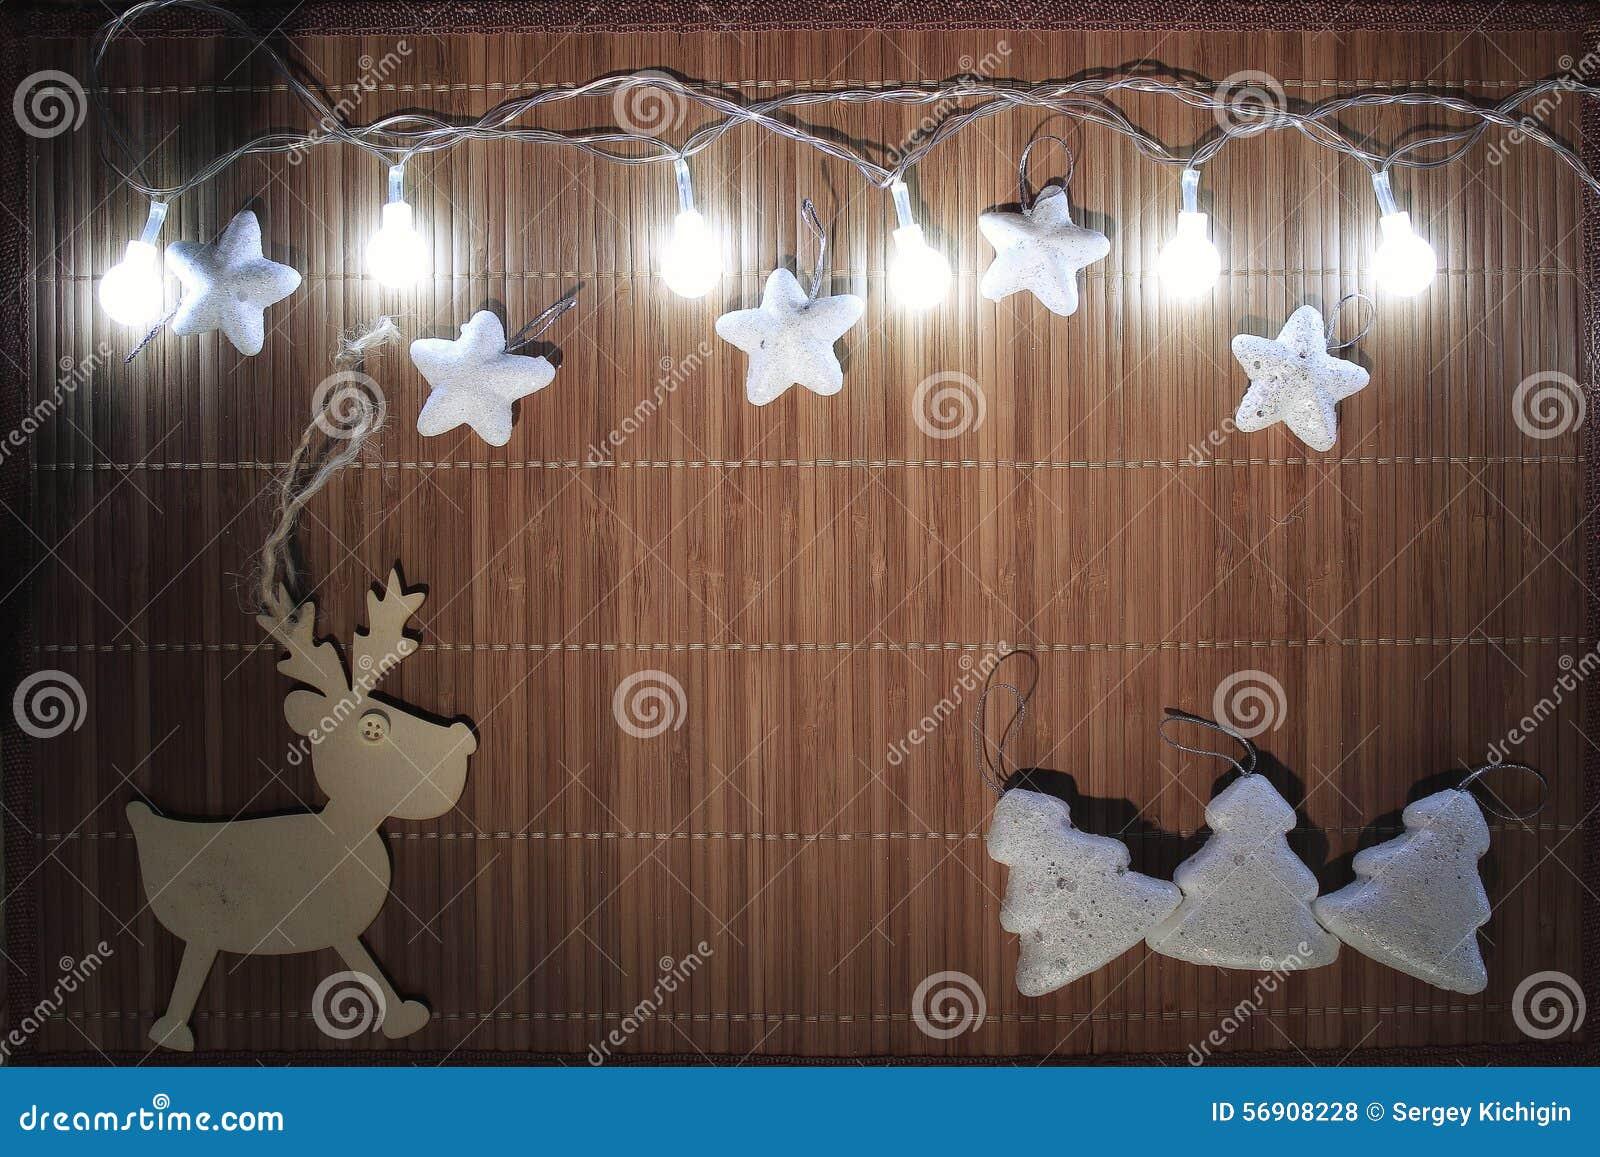 μπλε σκιά διακοσμήσεων απεικόνισης λουλουδιών Χριστουγέννων